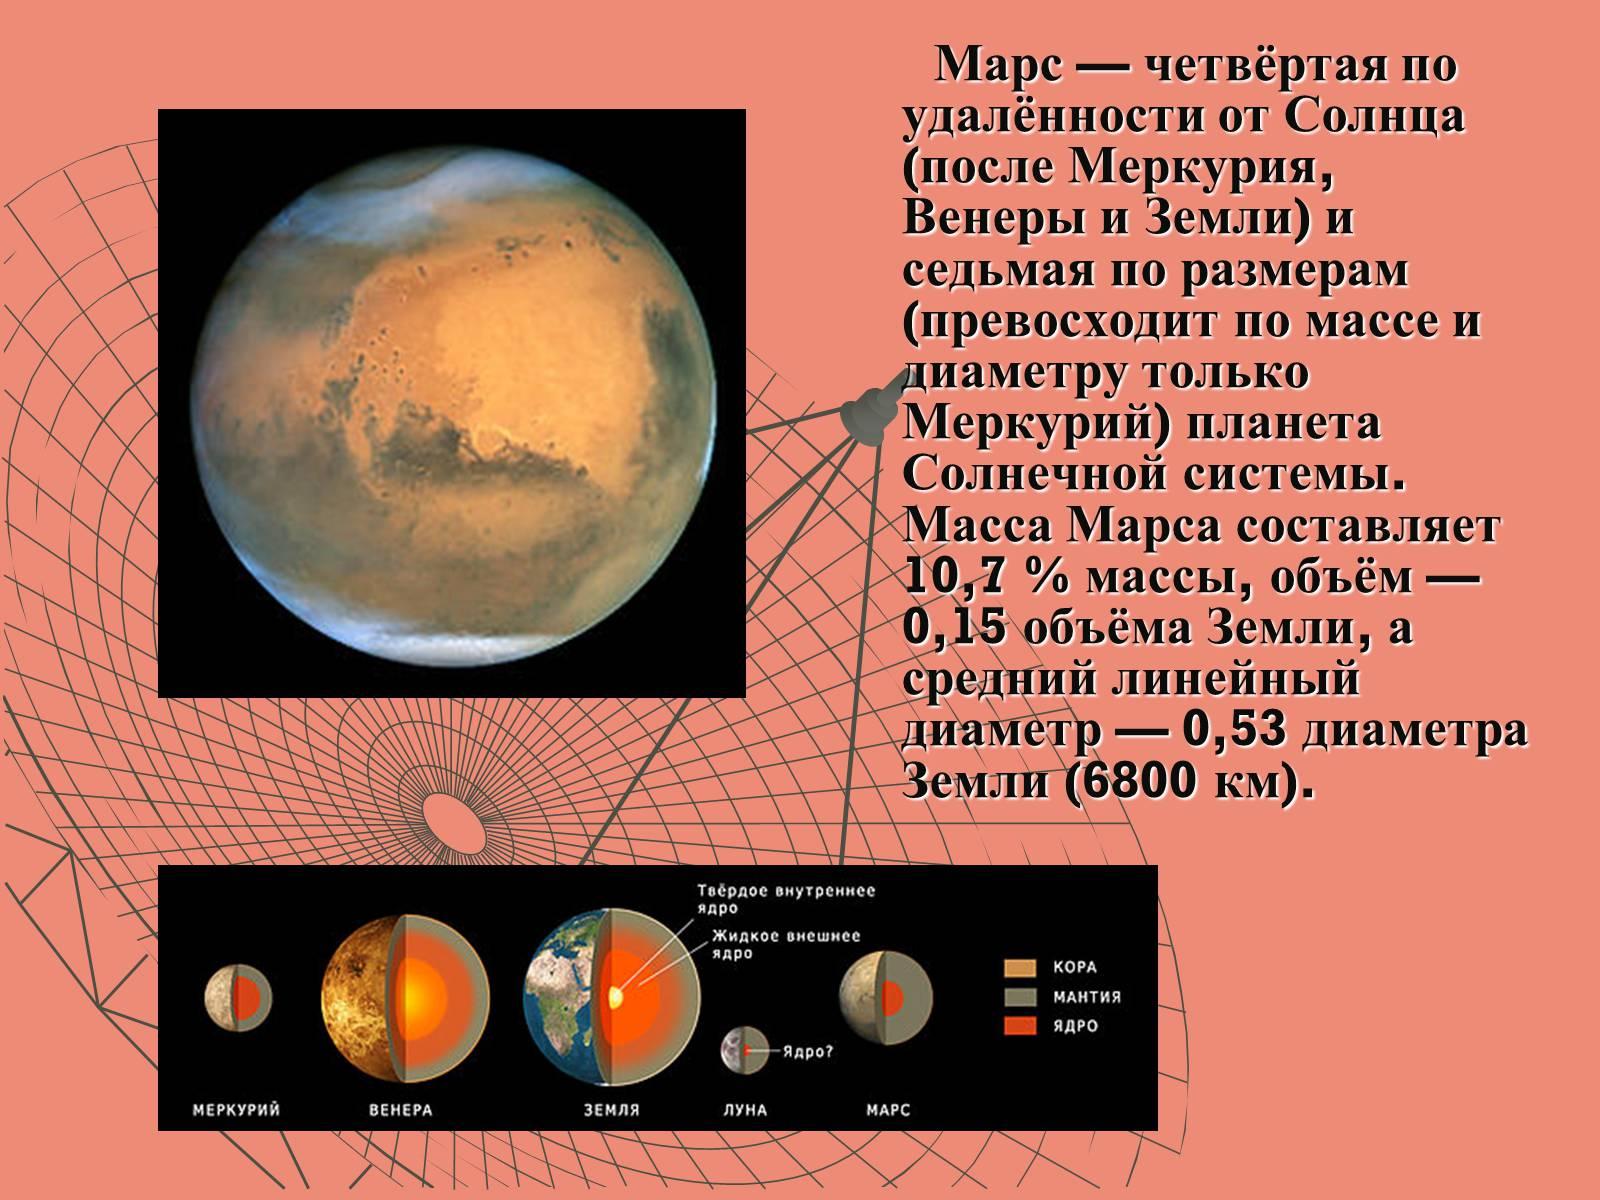 Космос реферат аза ша 6375